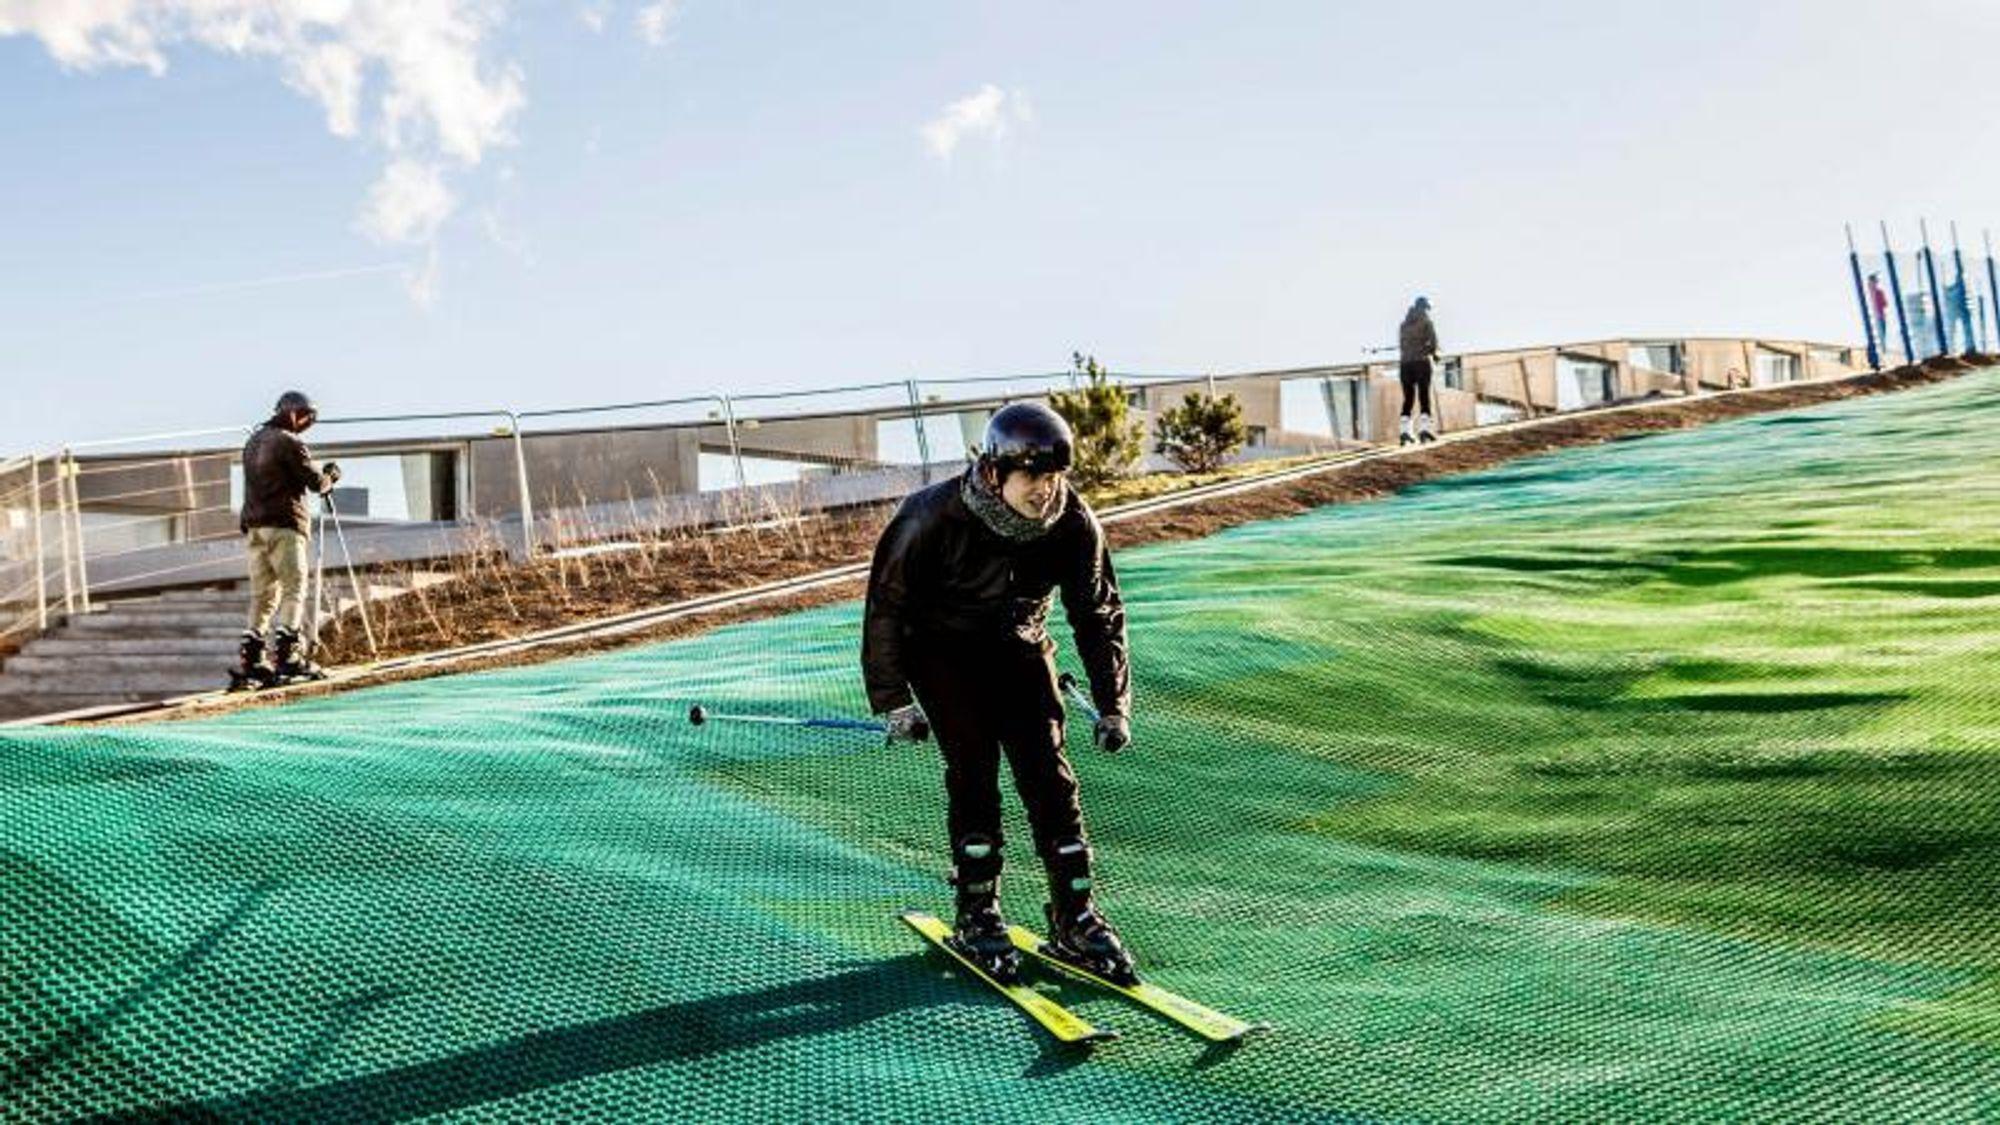 Ingeniørens journalist Niels Møller Kjemtrup prøvekjørte skibakken på taket av Amager Bakke allerede i februar. Nå satser Amager Bakke på å åpne i oktober.